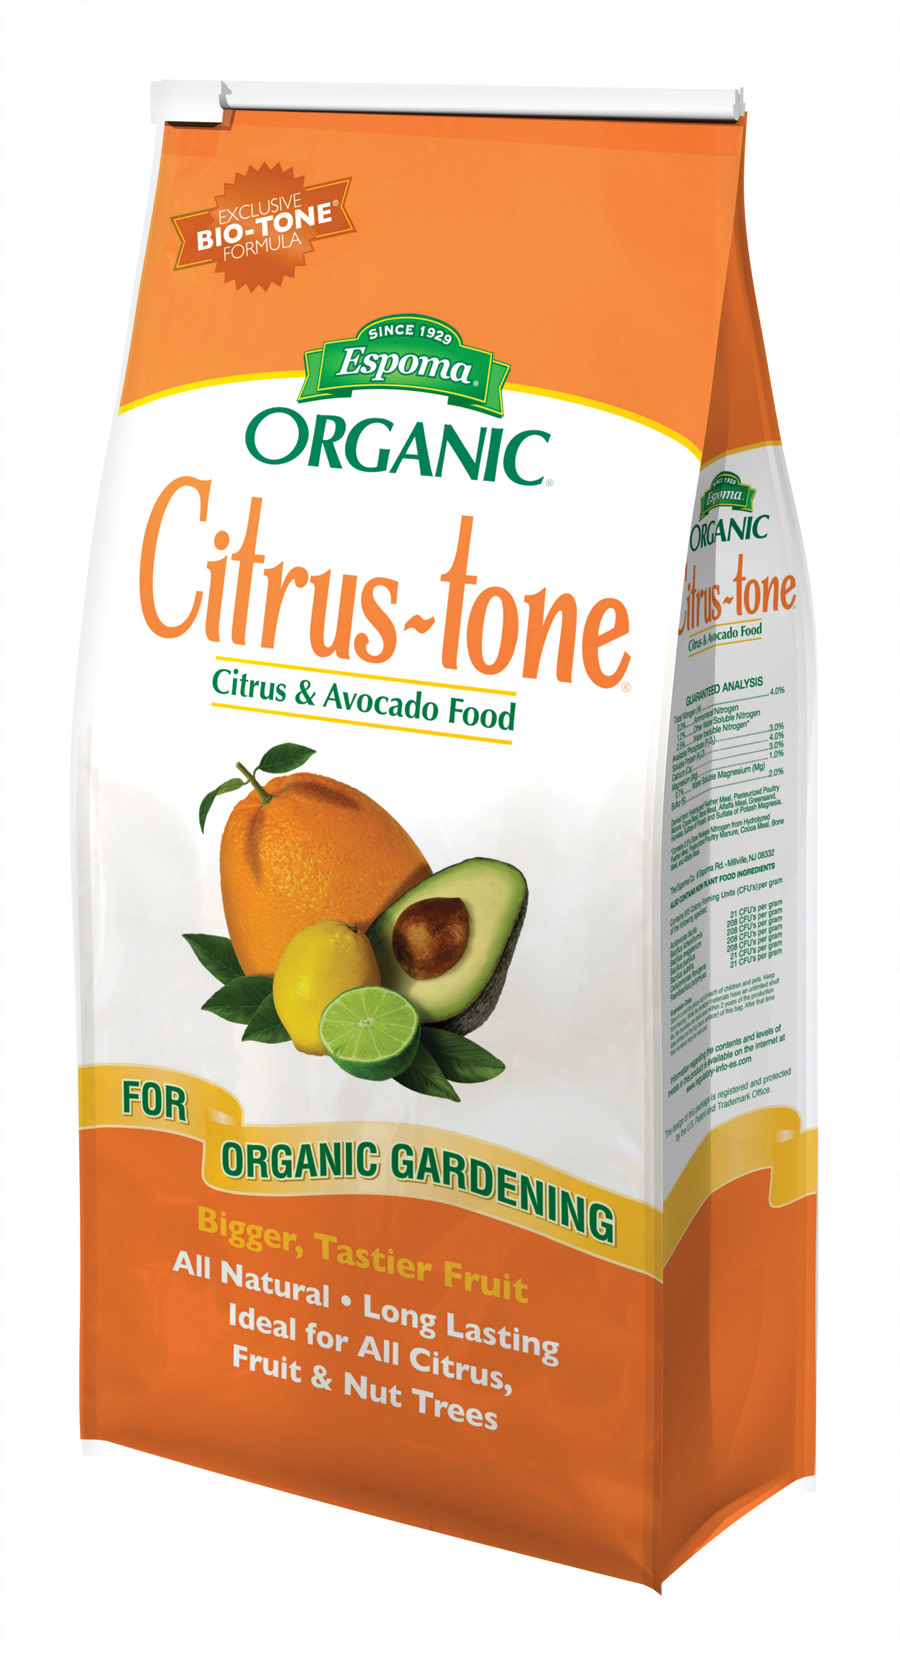 Espoma Organic® Citrus-tone Citrus & Avocado Food 5-2-6